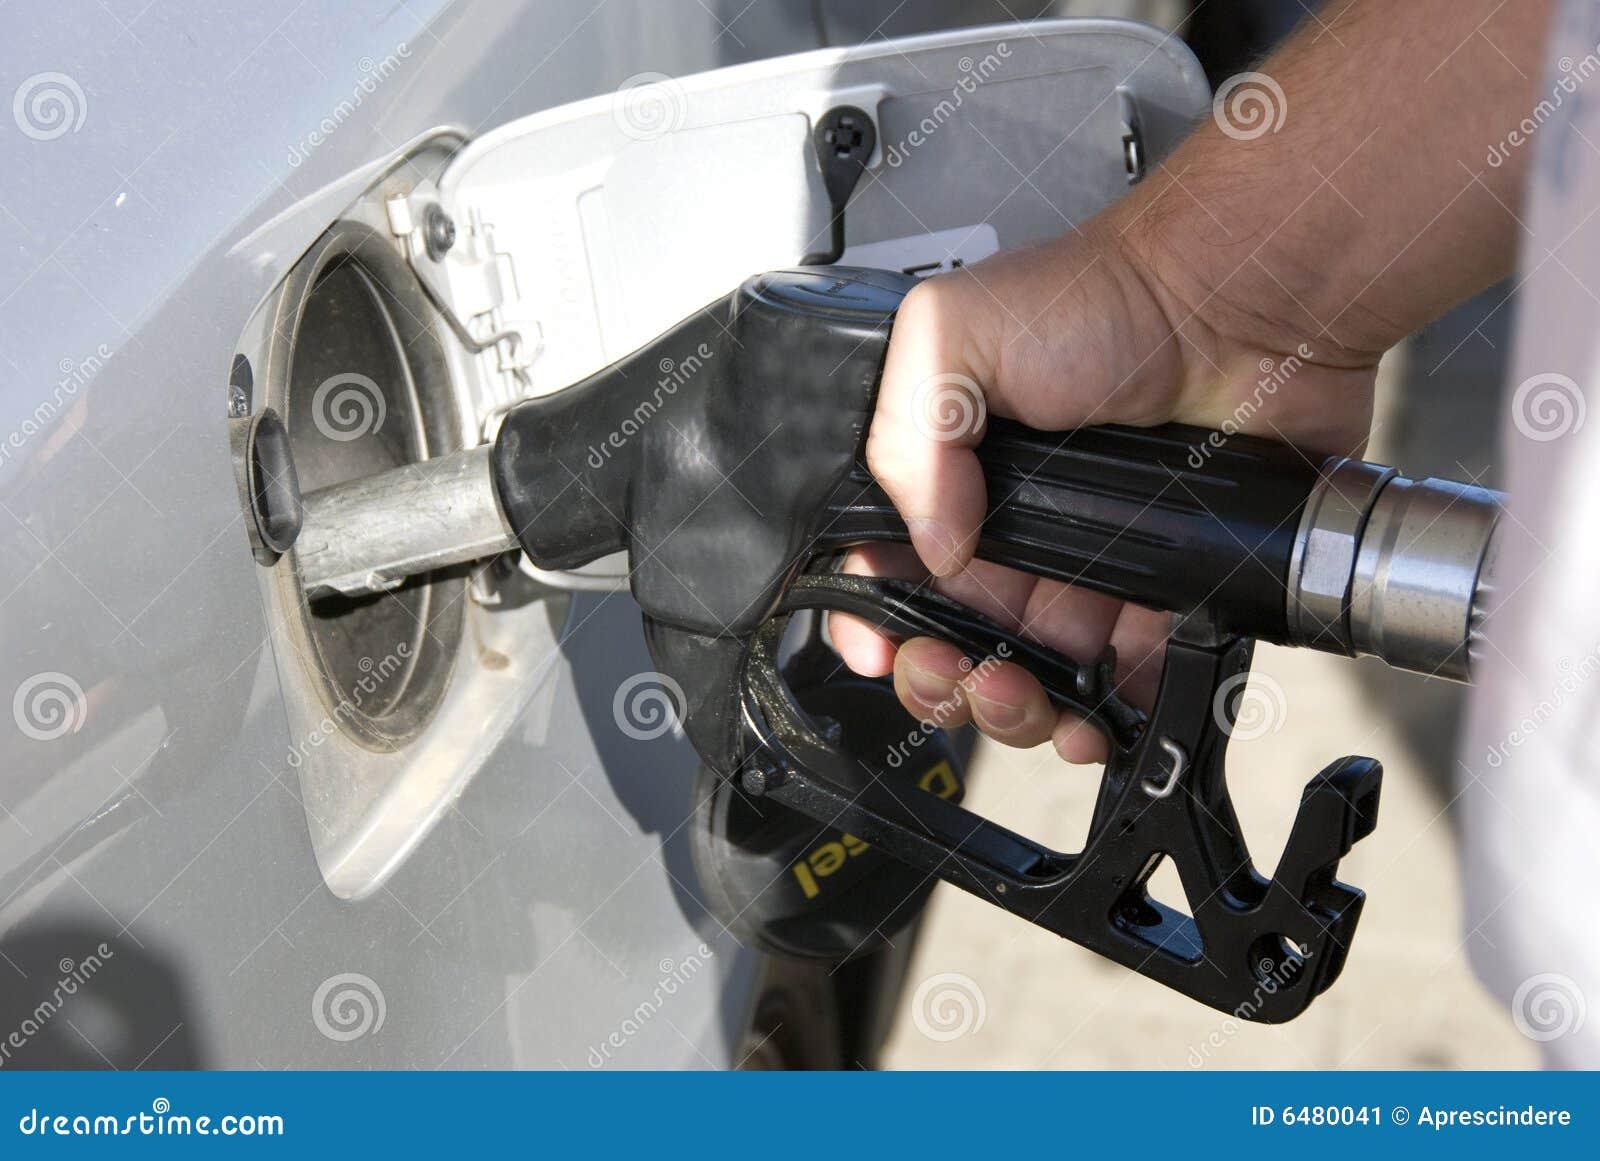 De praal van de brandstof